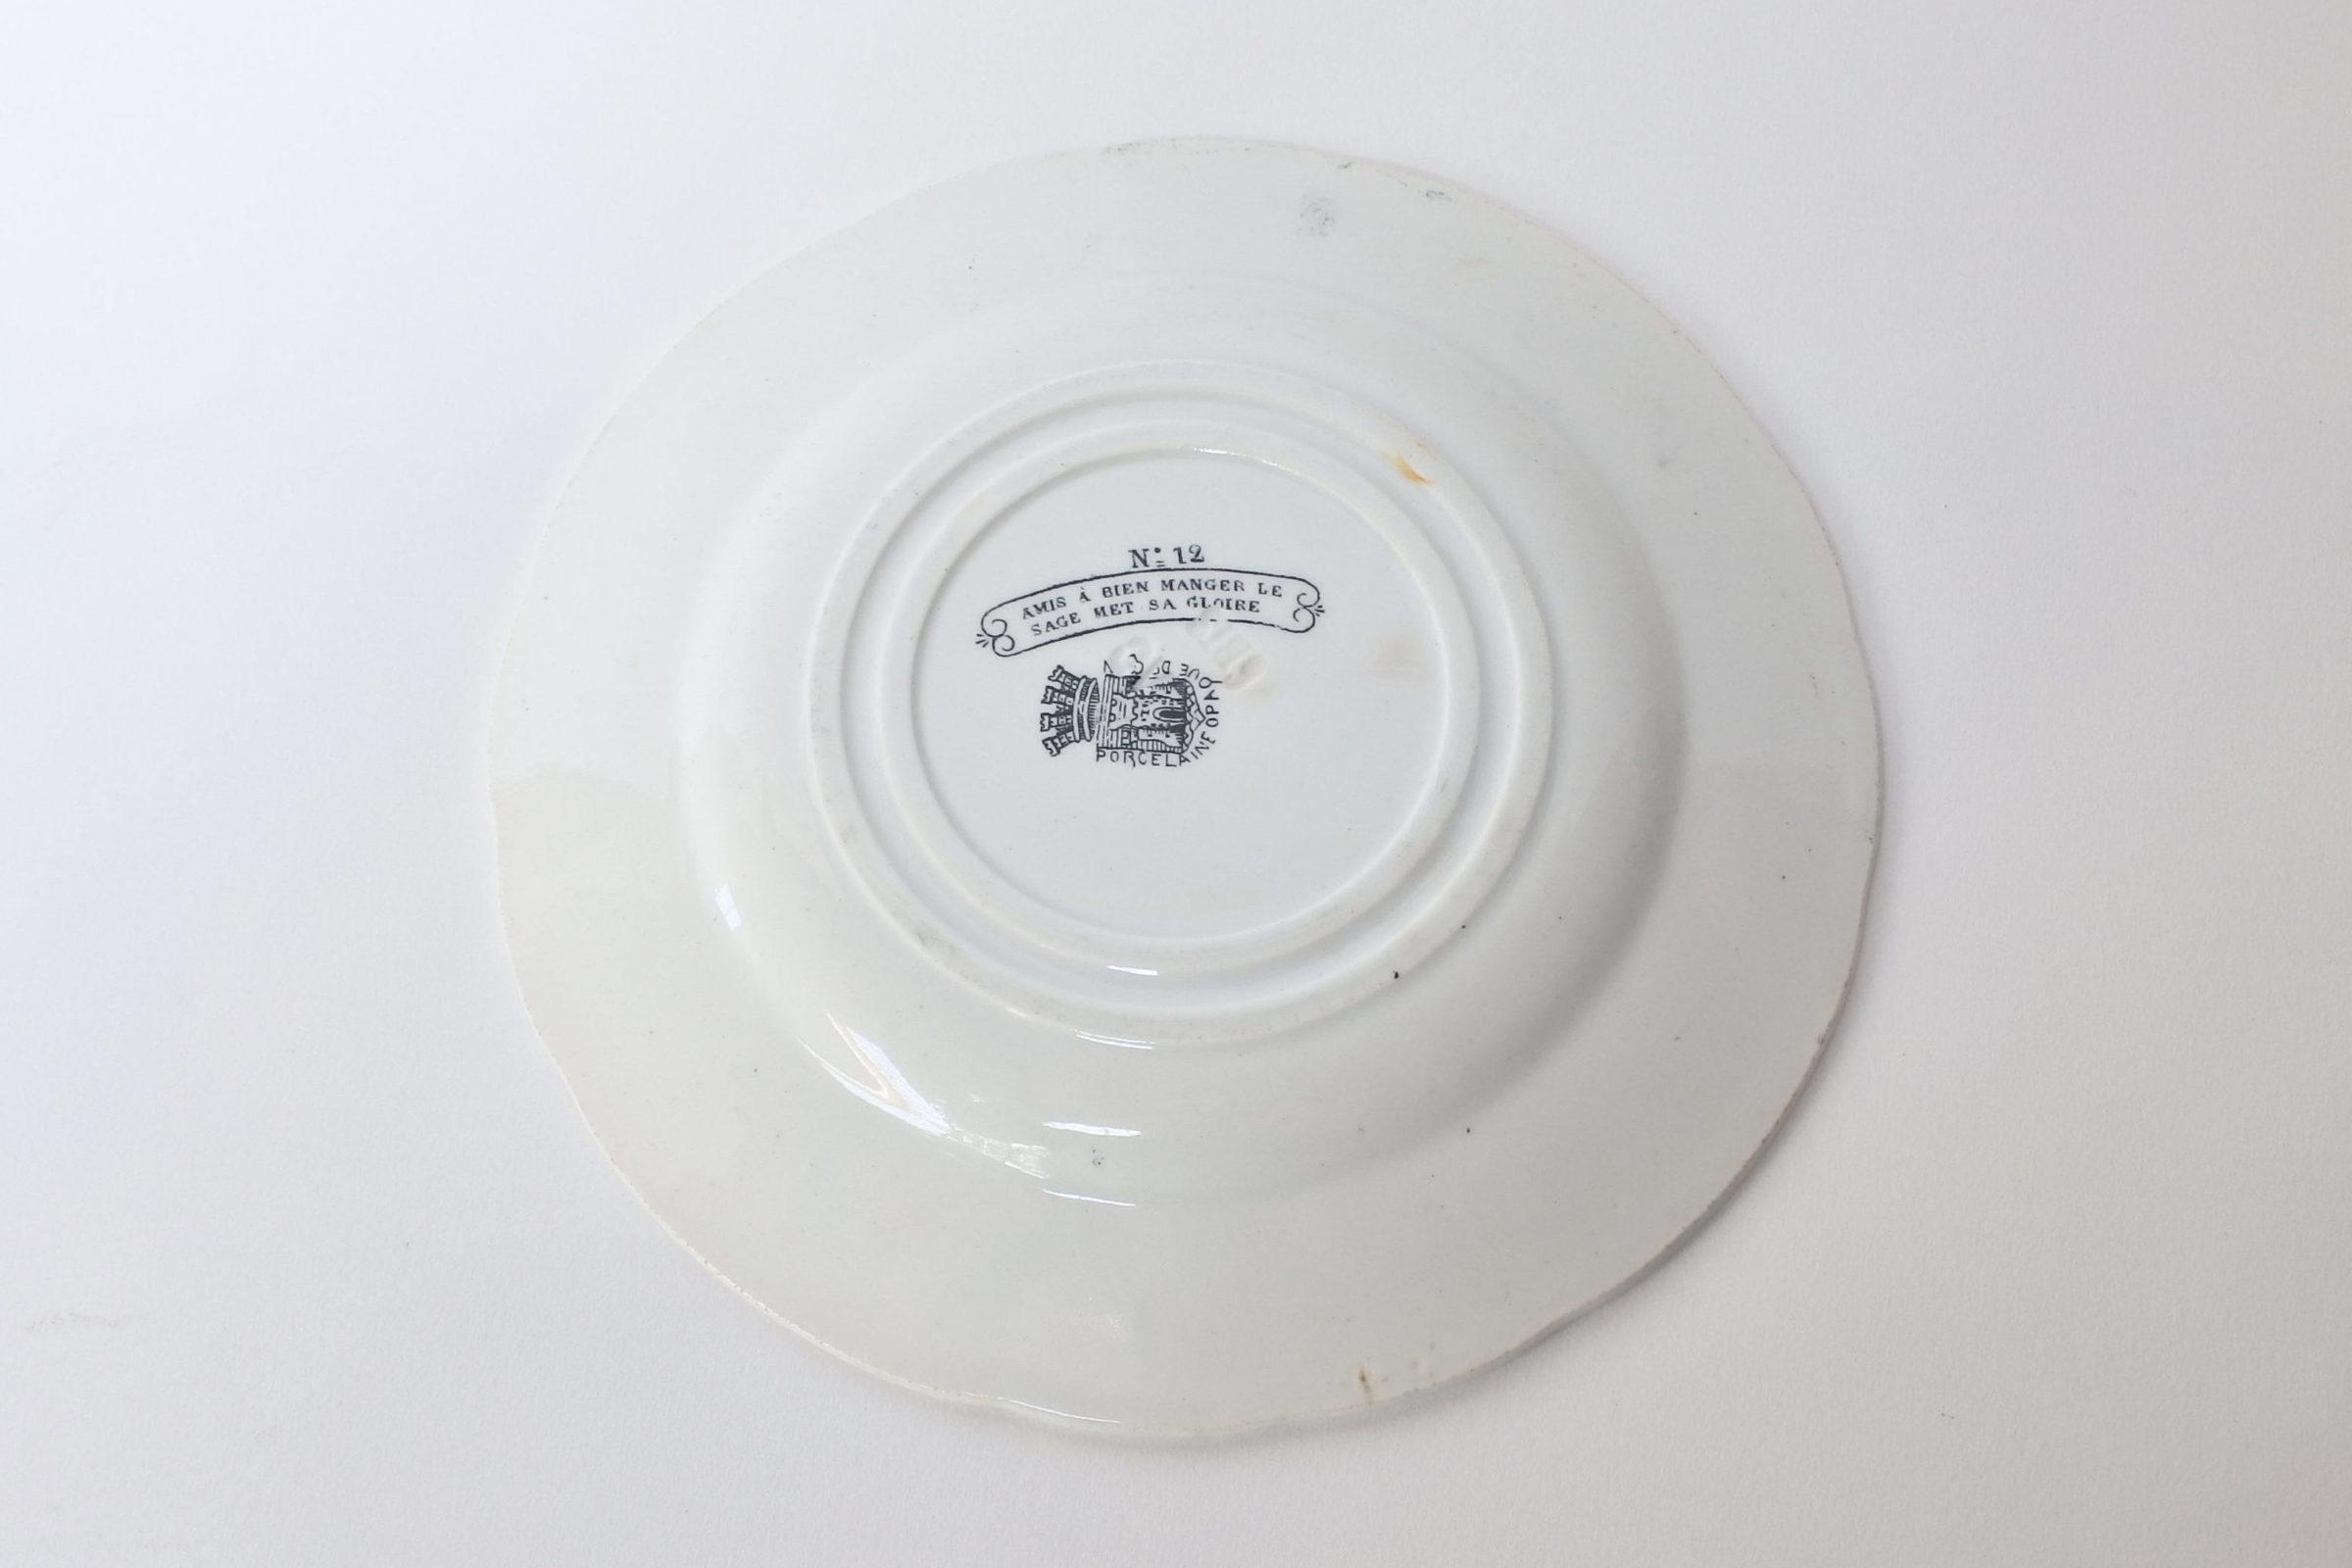 Piatto in ceramica di Gien decorato con rebus - decoro n° 12 - 2